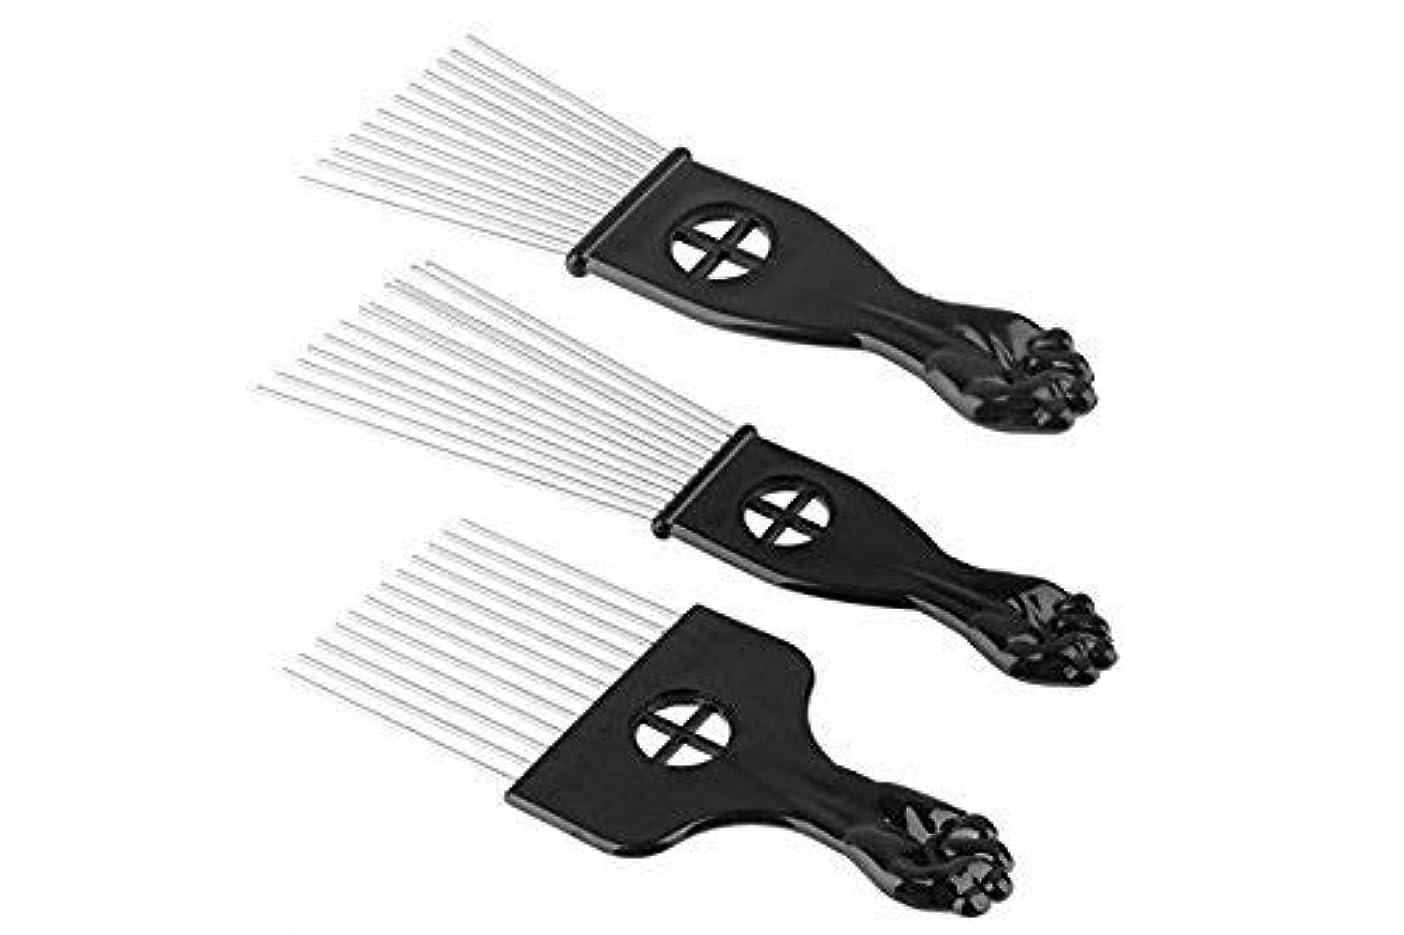 ピアニストボリューム麻痺させる3Pc Metal Hair Styling Pik Afro Pick Comb For Volume & Tangles Black Fan Fist Hand Model [並行輸入品]